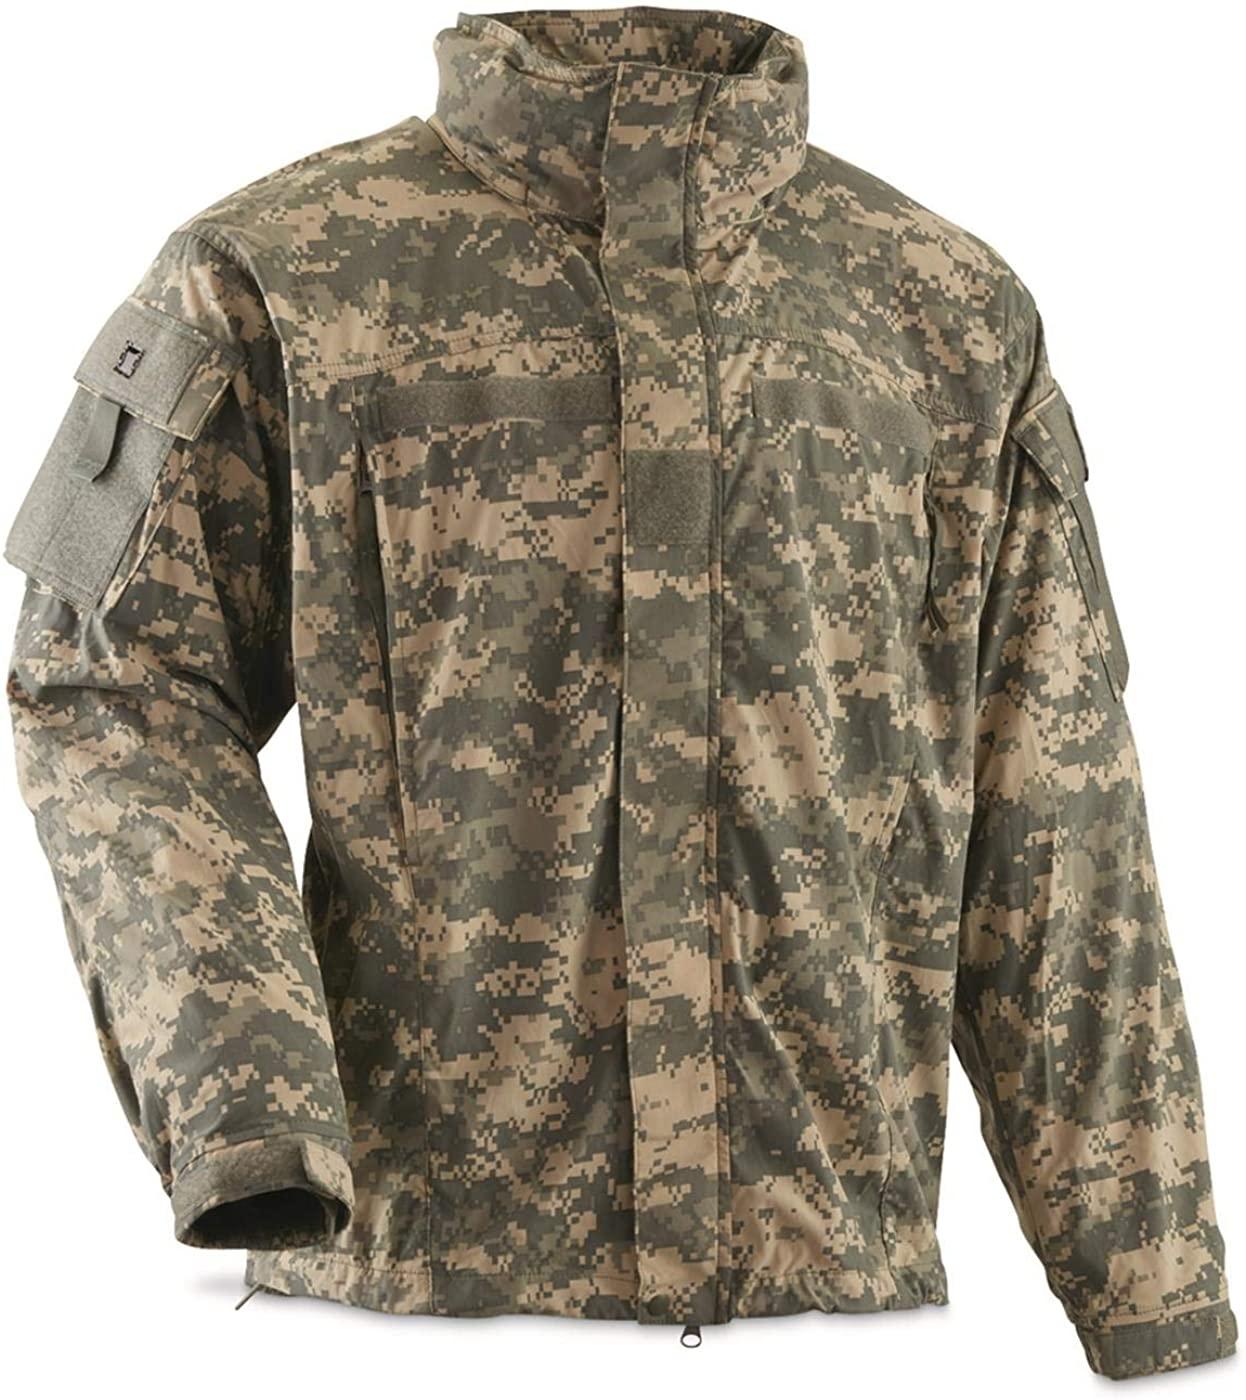 Surplus U.S. Army ECWCS Gen 3 Level 5 Soft Shell Jacket, New